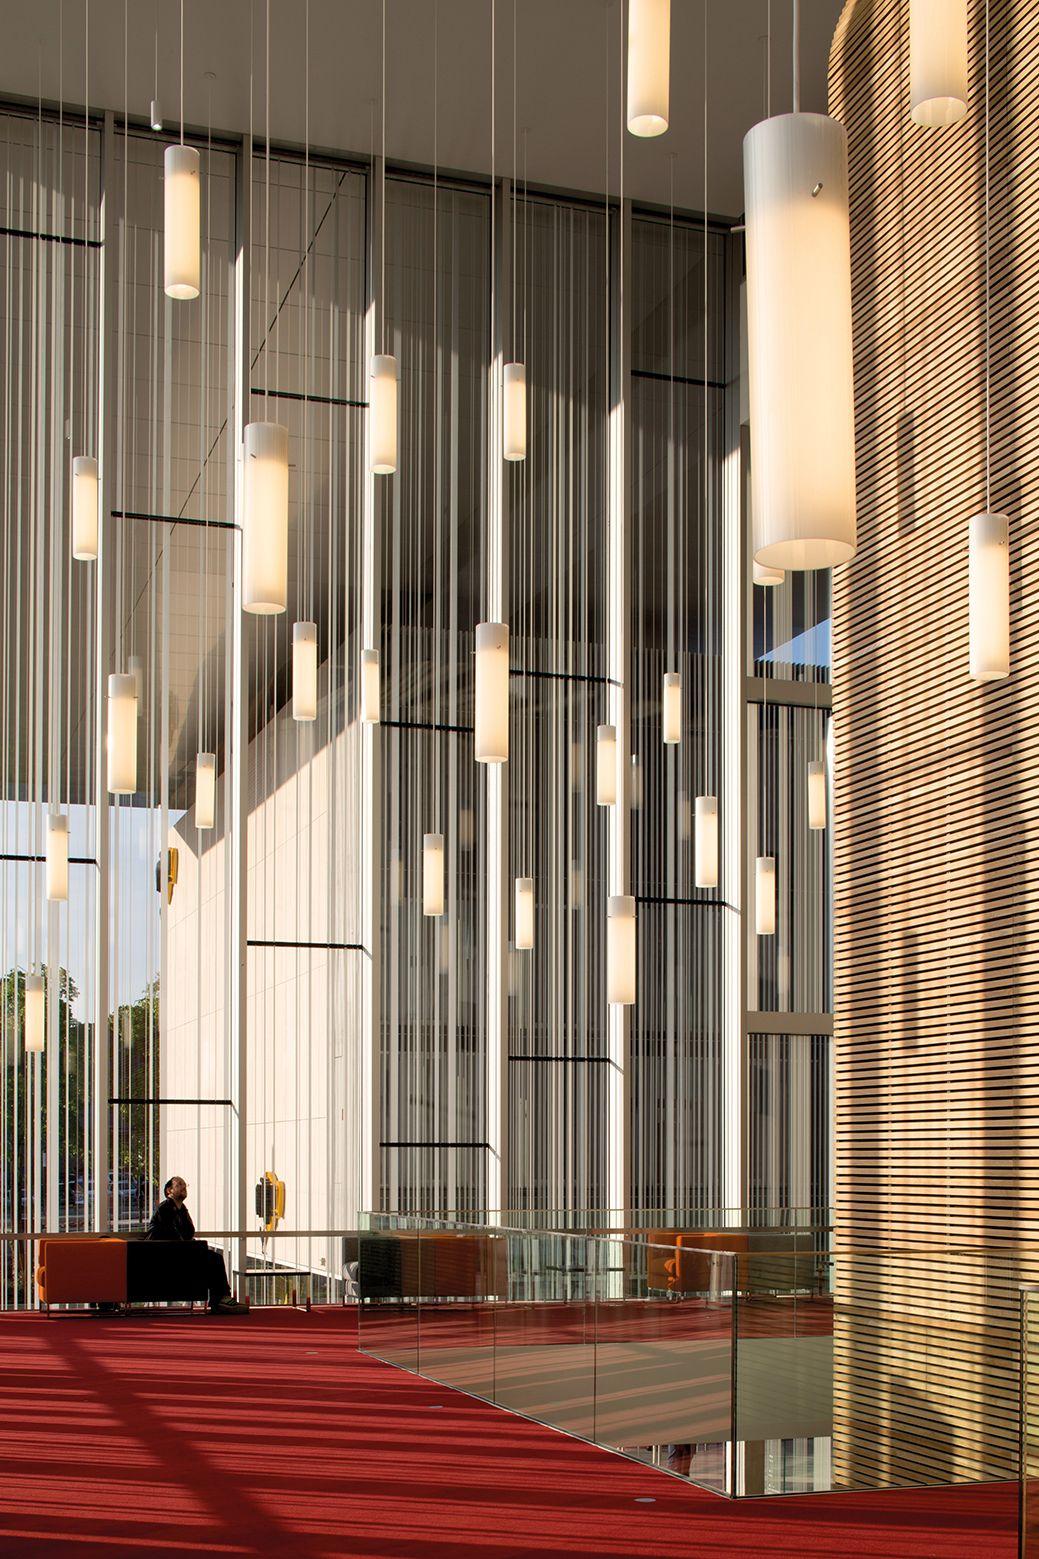 Moderne wohnarchitektur les quinconces cultural centre  le mans  babin renaud